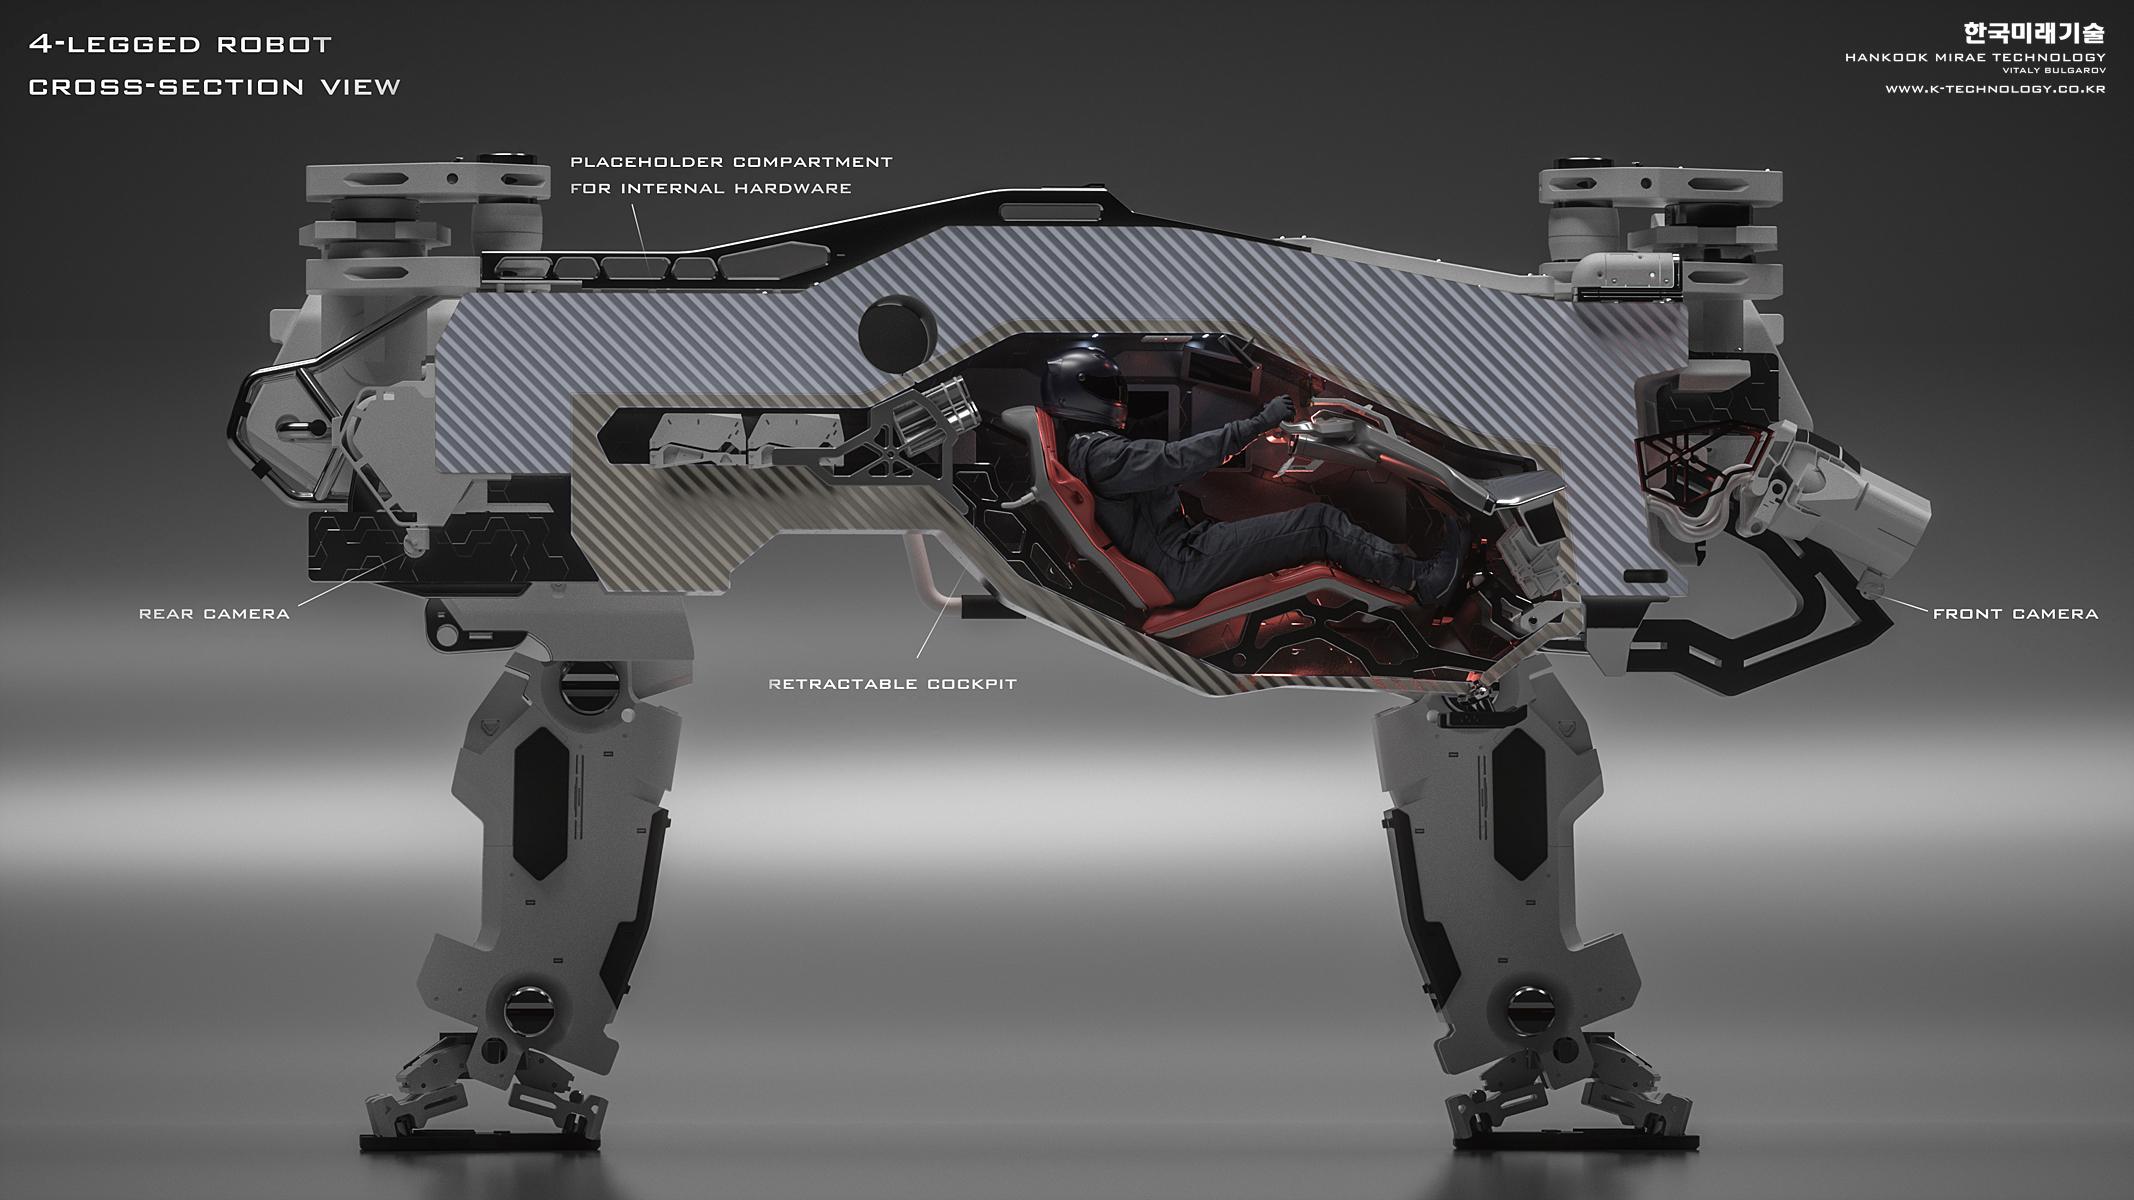 03_KFT_4LeggedRobot_Cross-SectionView_02.jpg